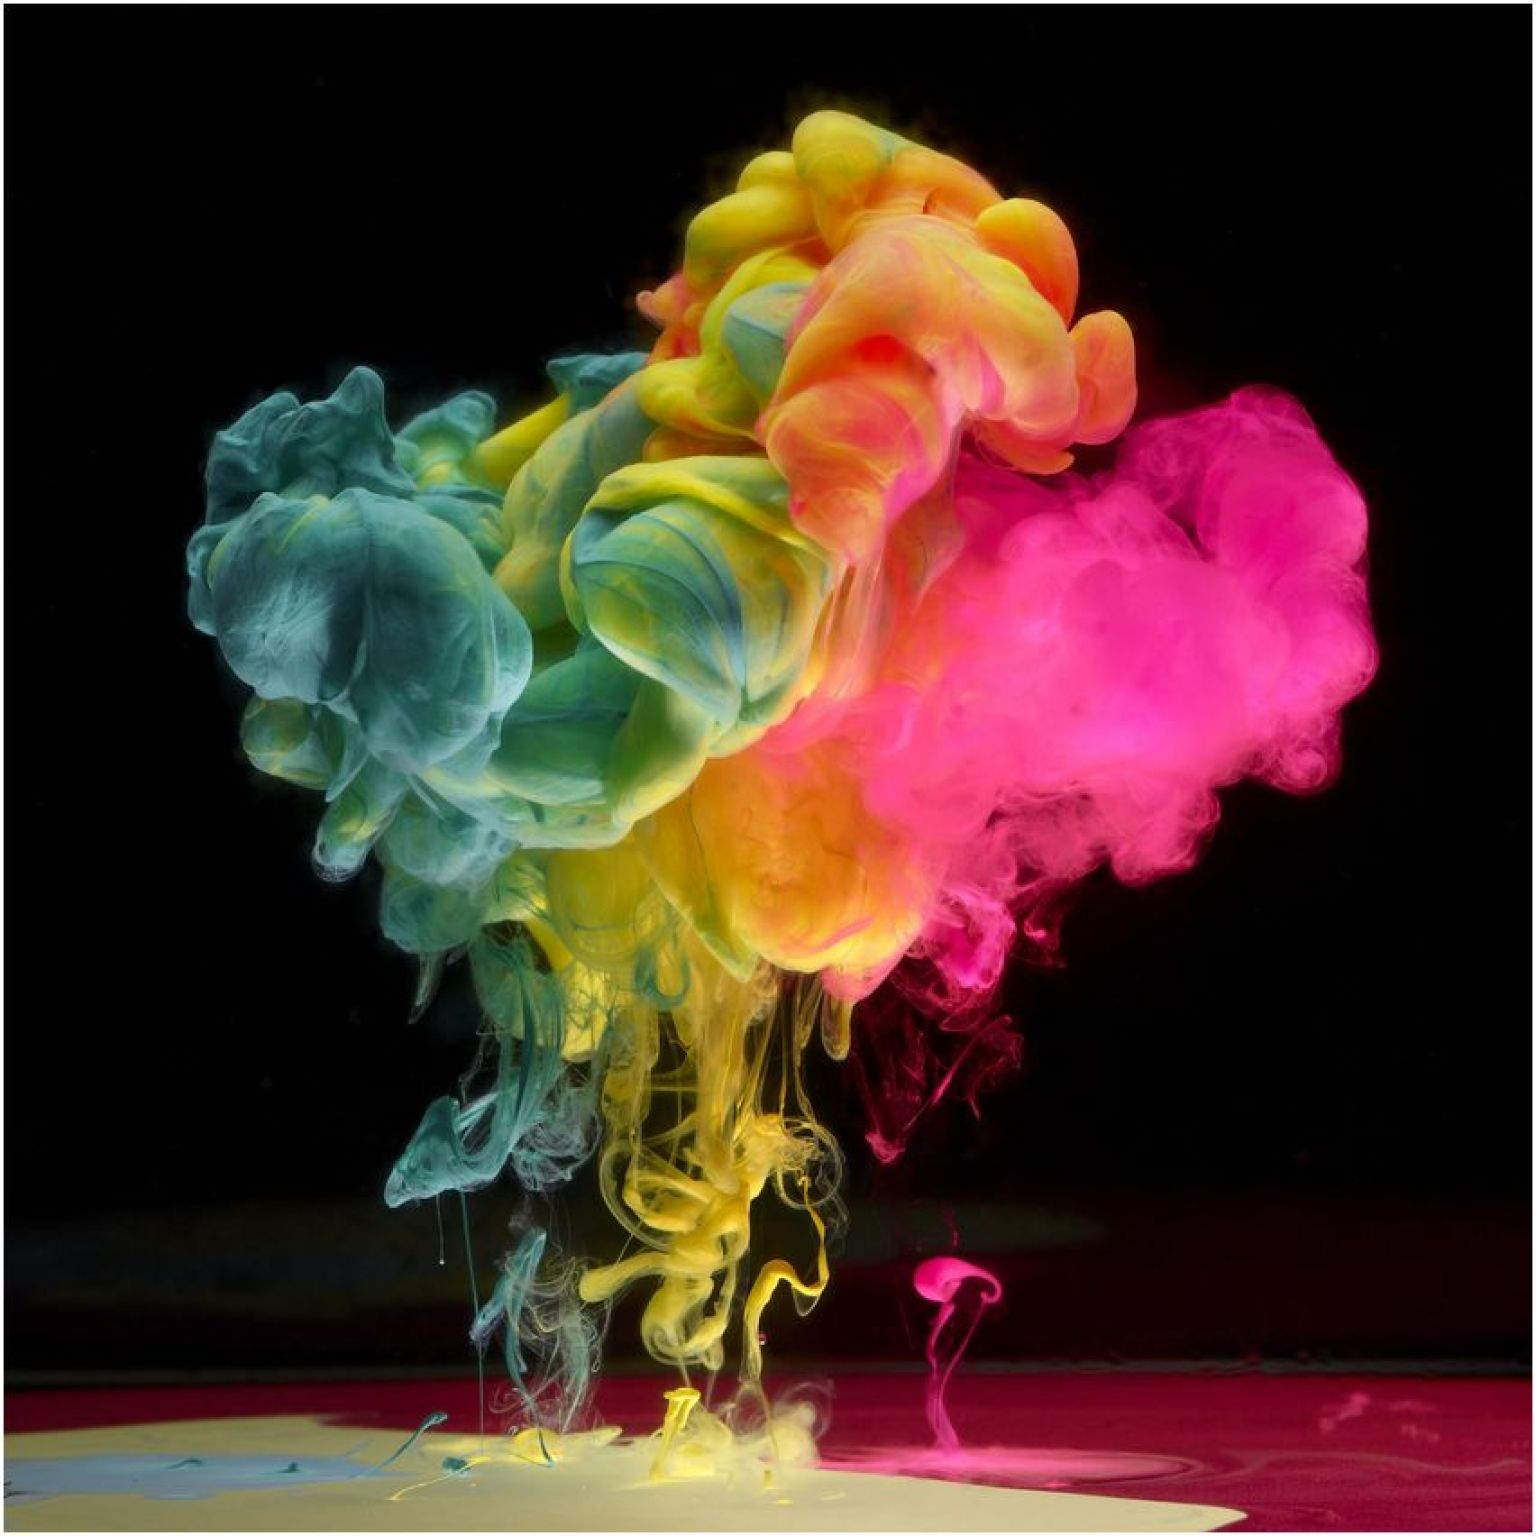 Formal Elements Colour : Photos aqueous une explosion de couleurs sous marines